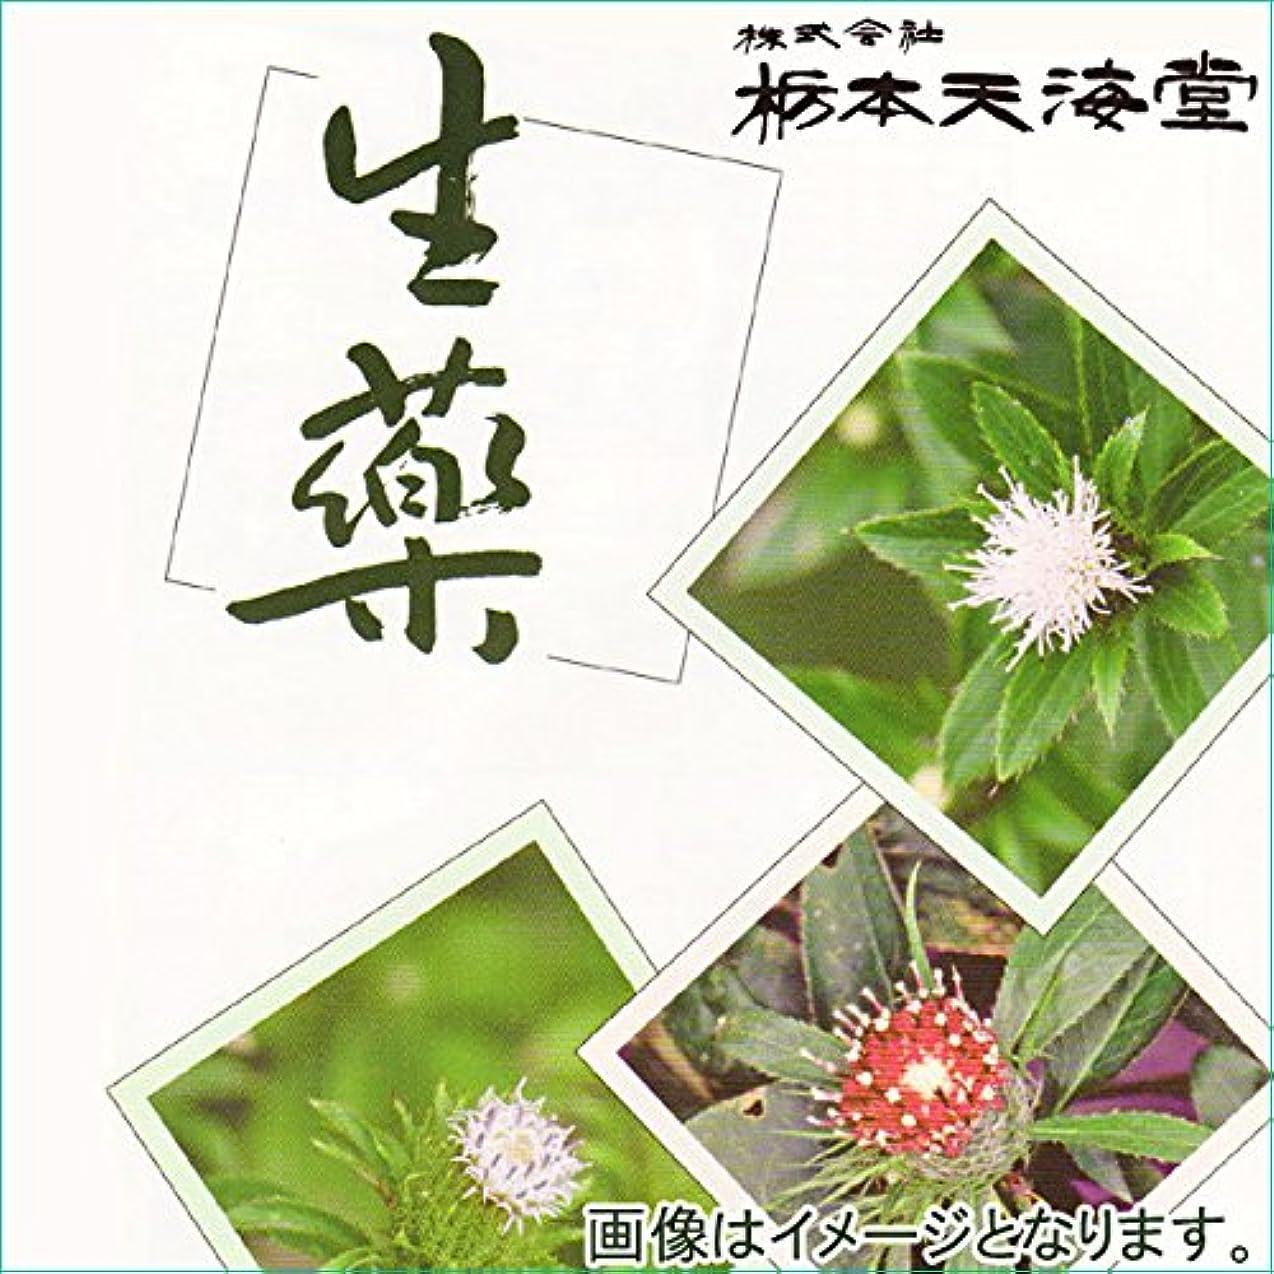 事業内容プロポーショナルチャーム海藻  (刻)[内容量:500g]ホンダワラ[原産国:日本]